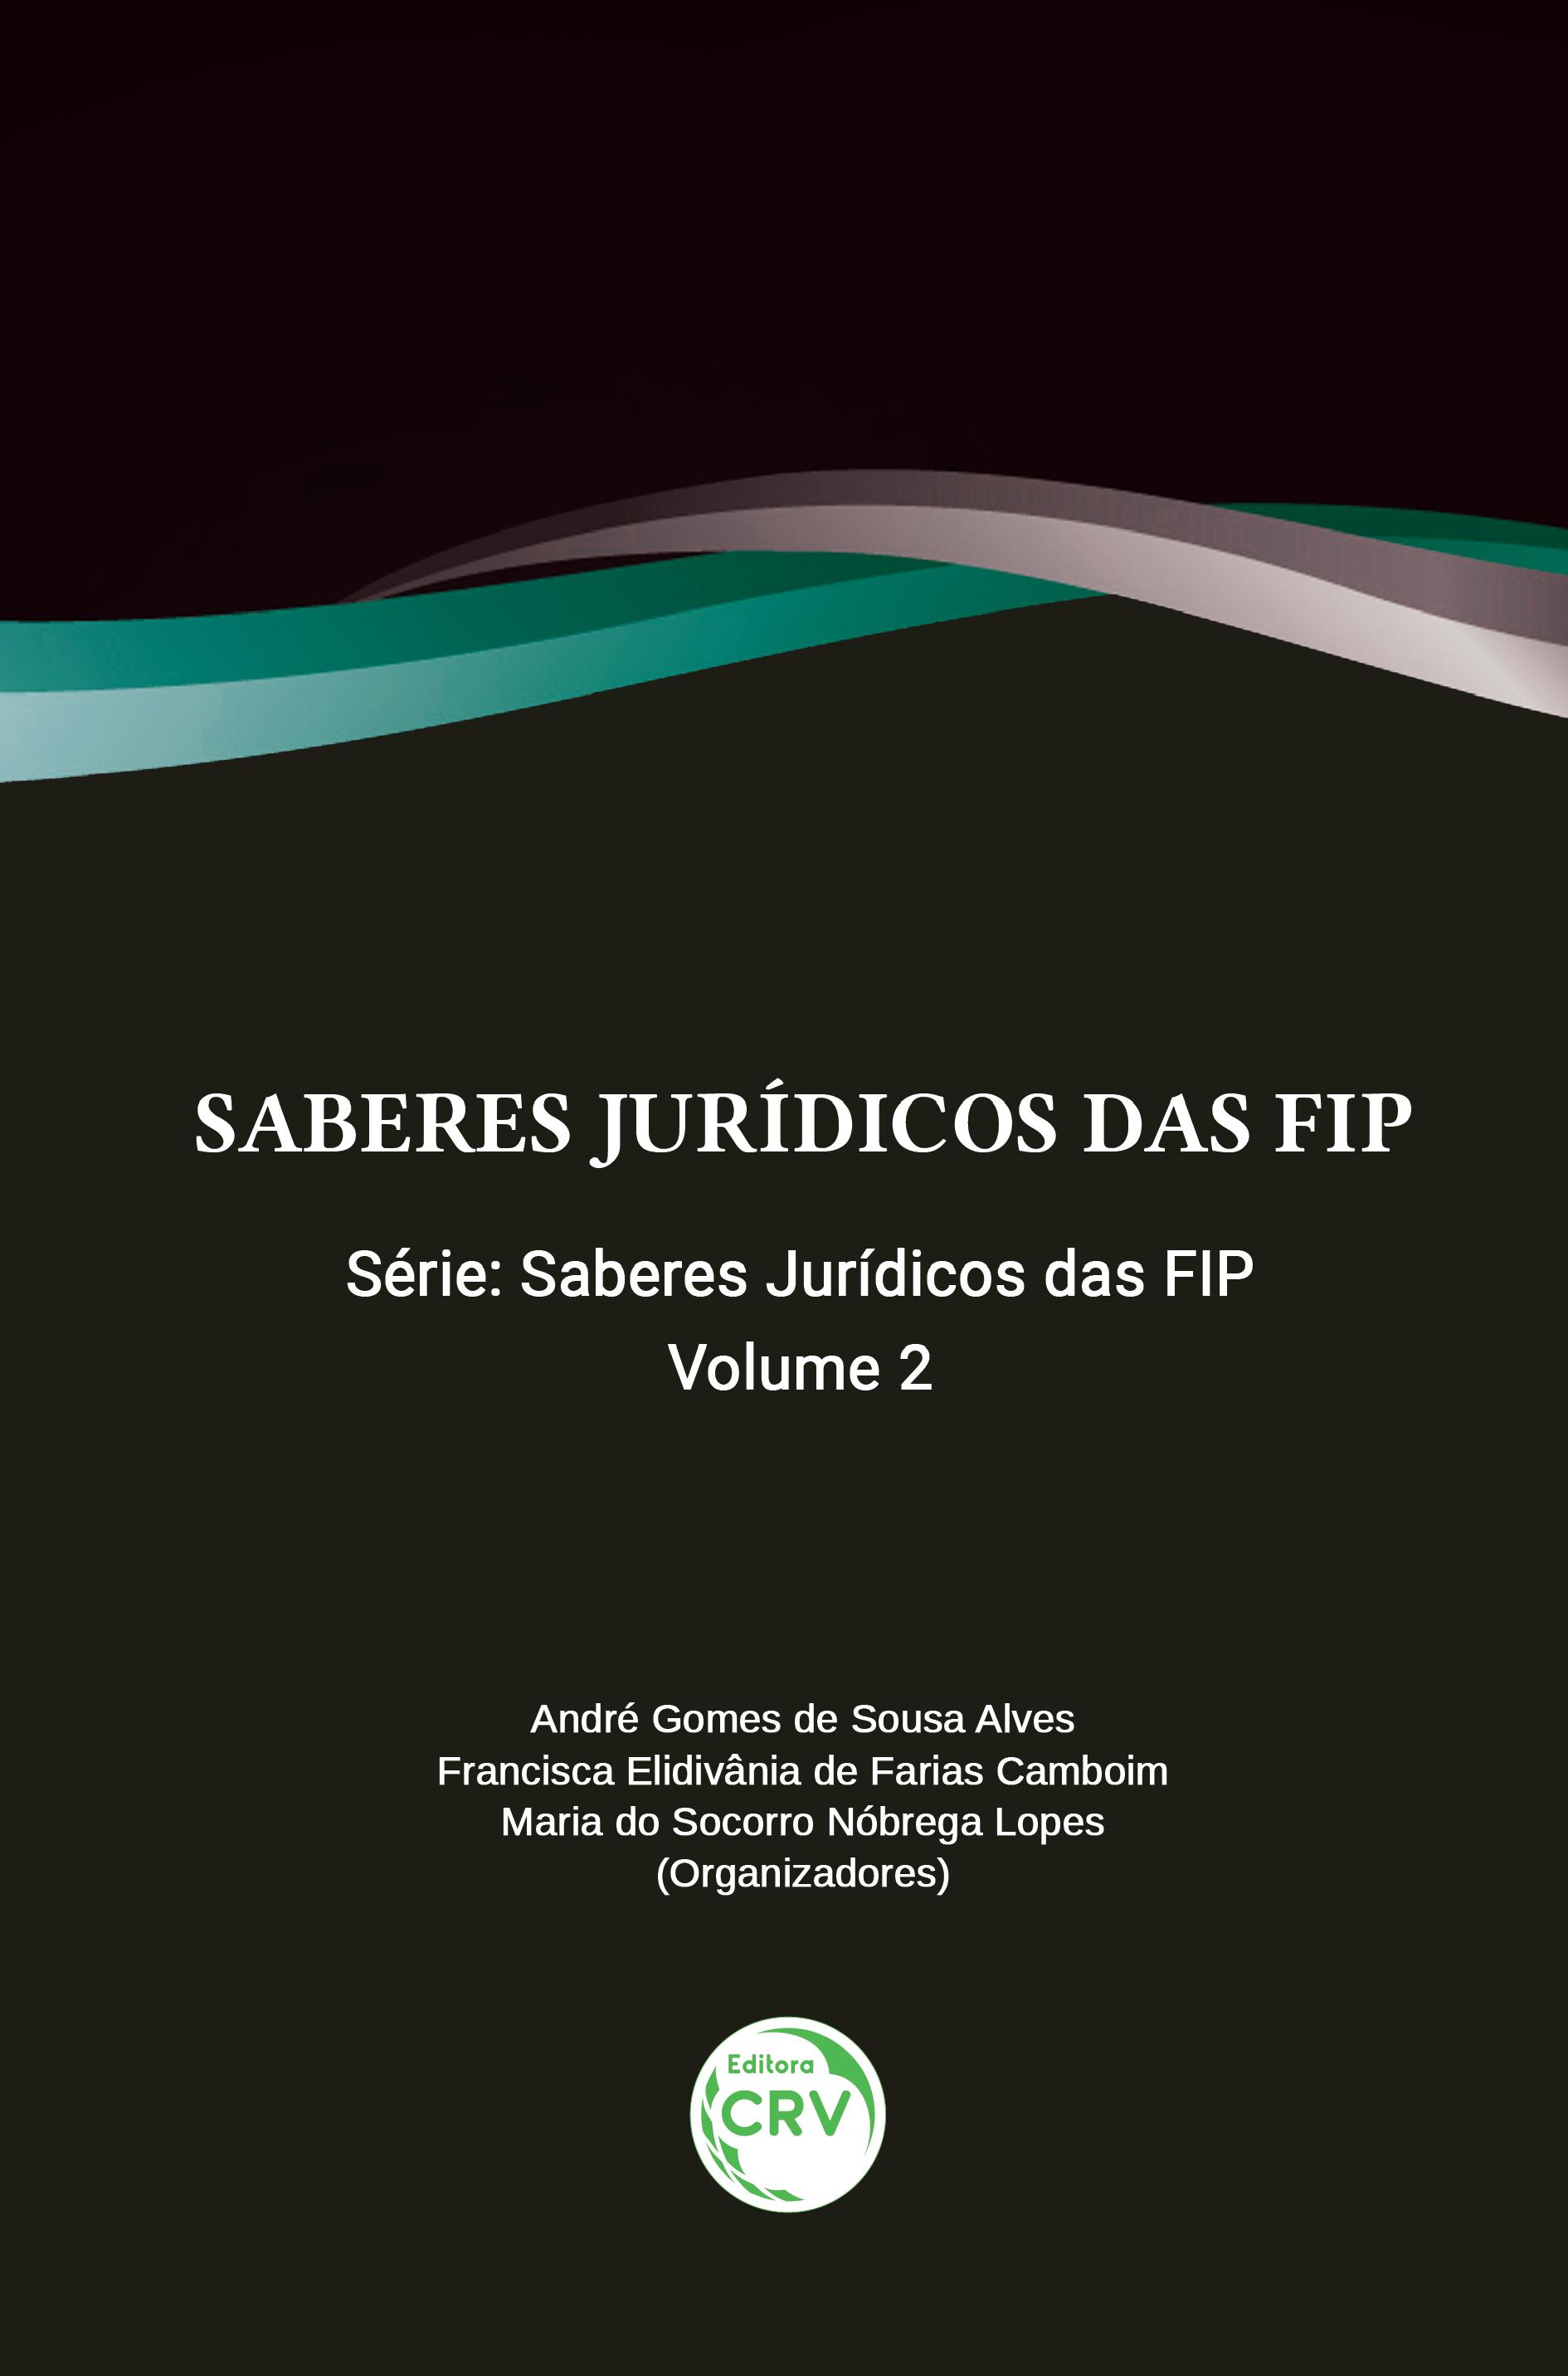 Capa do livro: SABERES JURÍDICOS DAS FIP <br>Volume 2